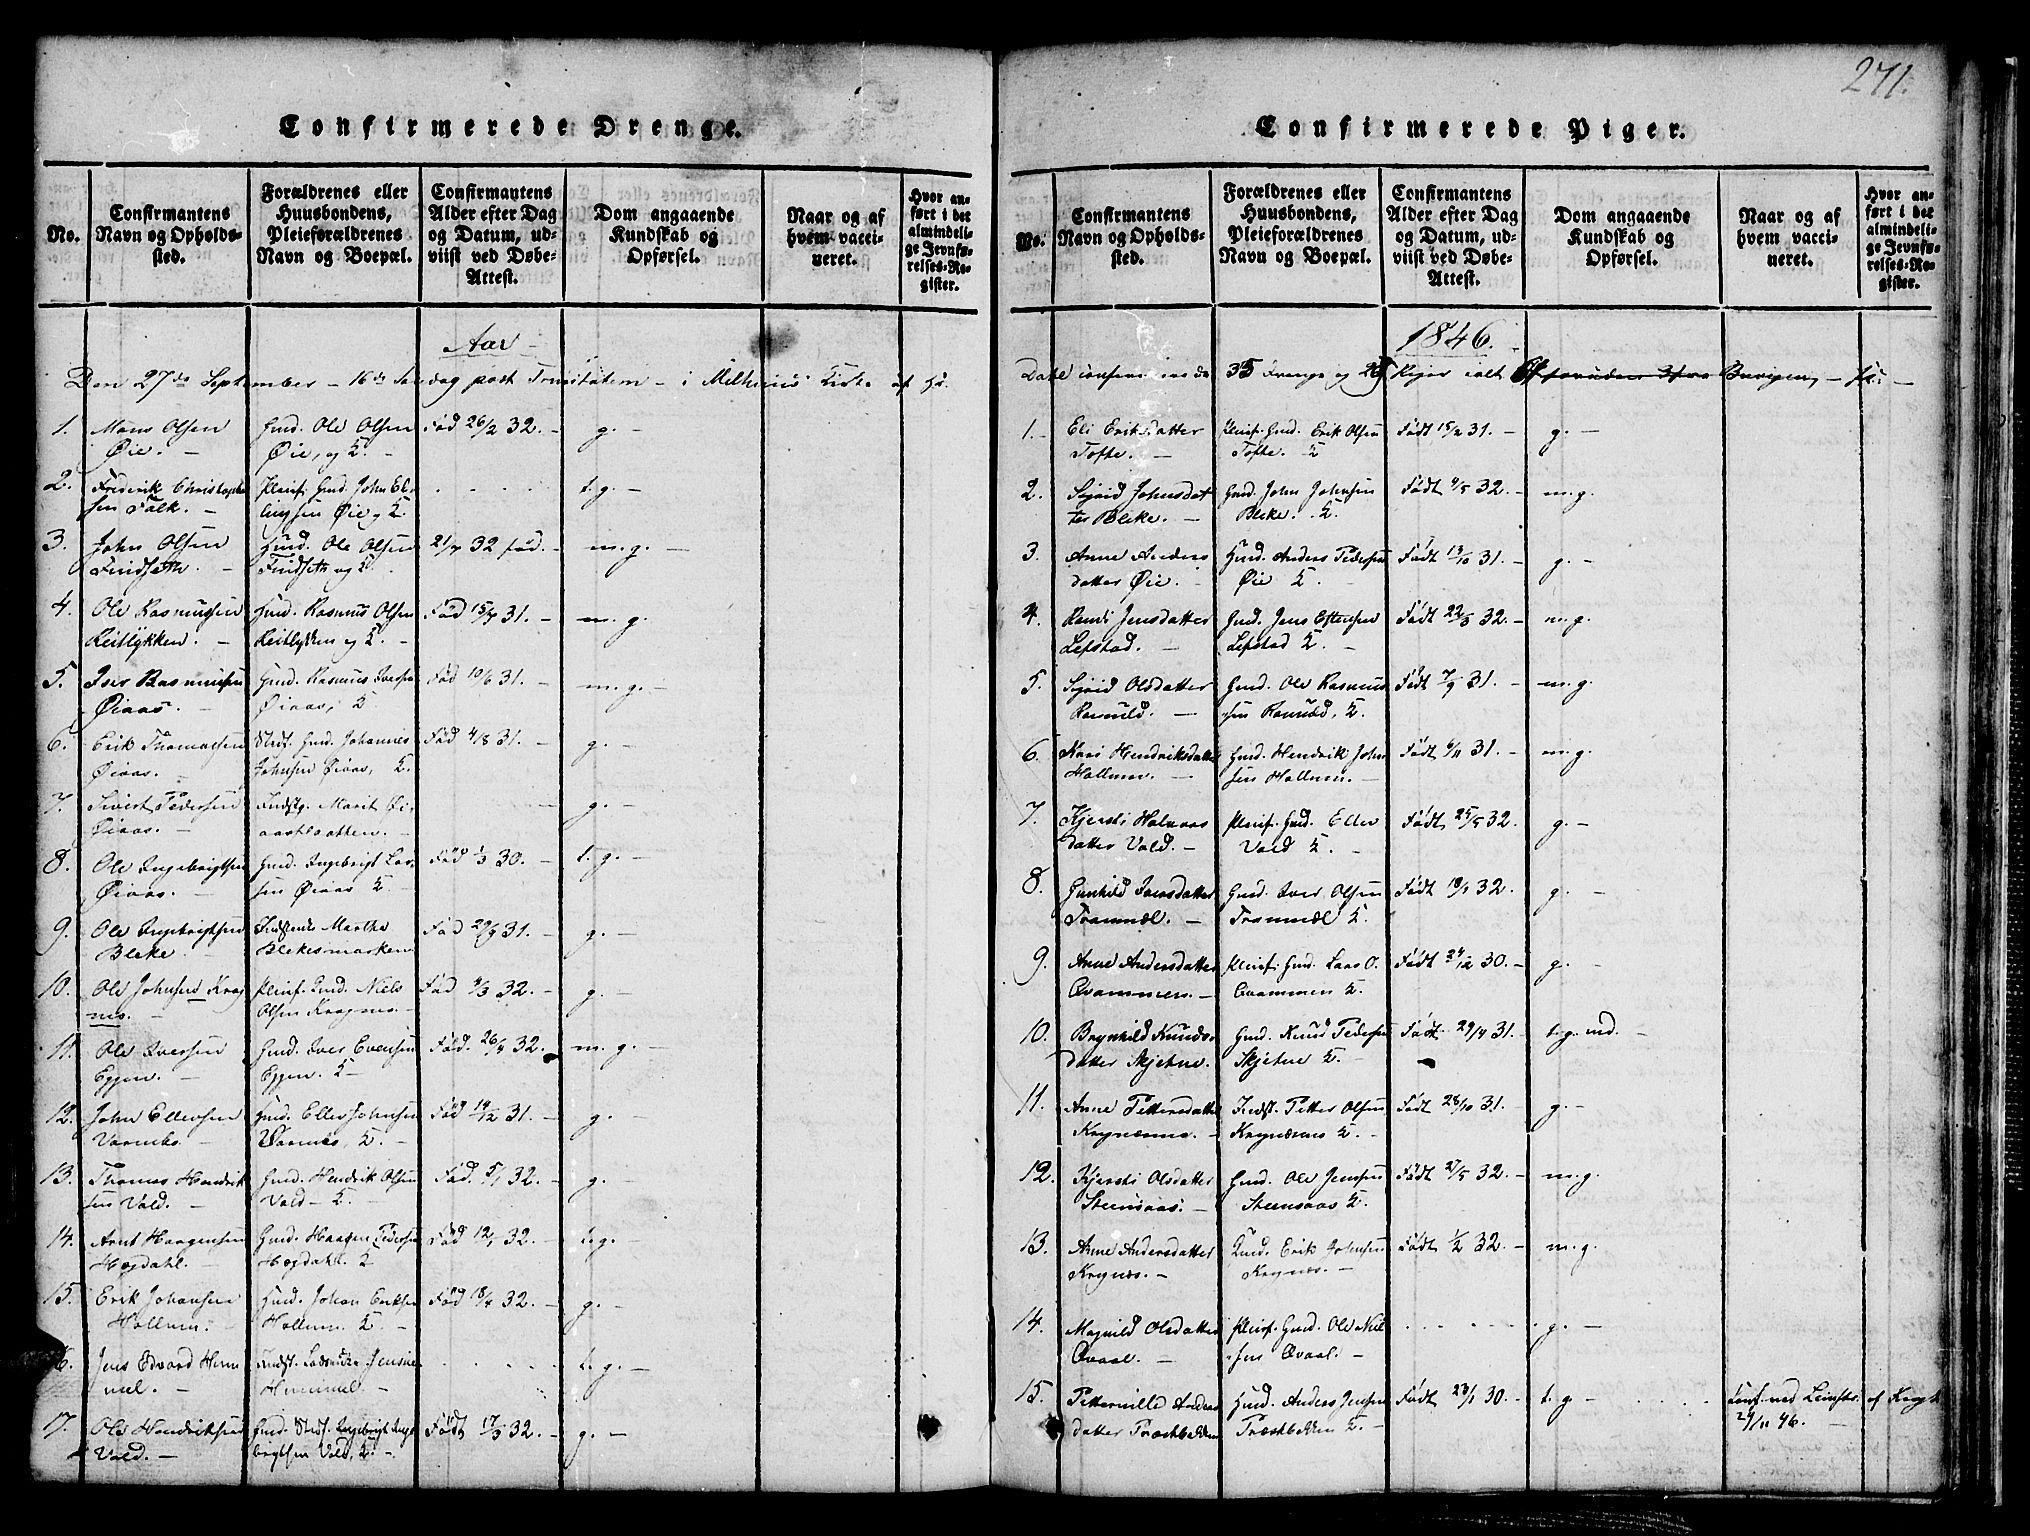 SAT, Ministerialprotokoller, klokkerbøker og fødselsregistre - Sør-Trøndelag, 691/L1092: Klokkerbok nr. 691C03, 1816-1852, s. 271